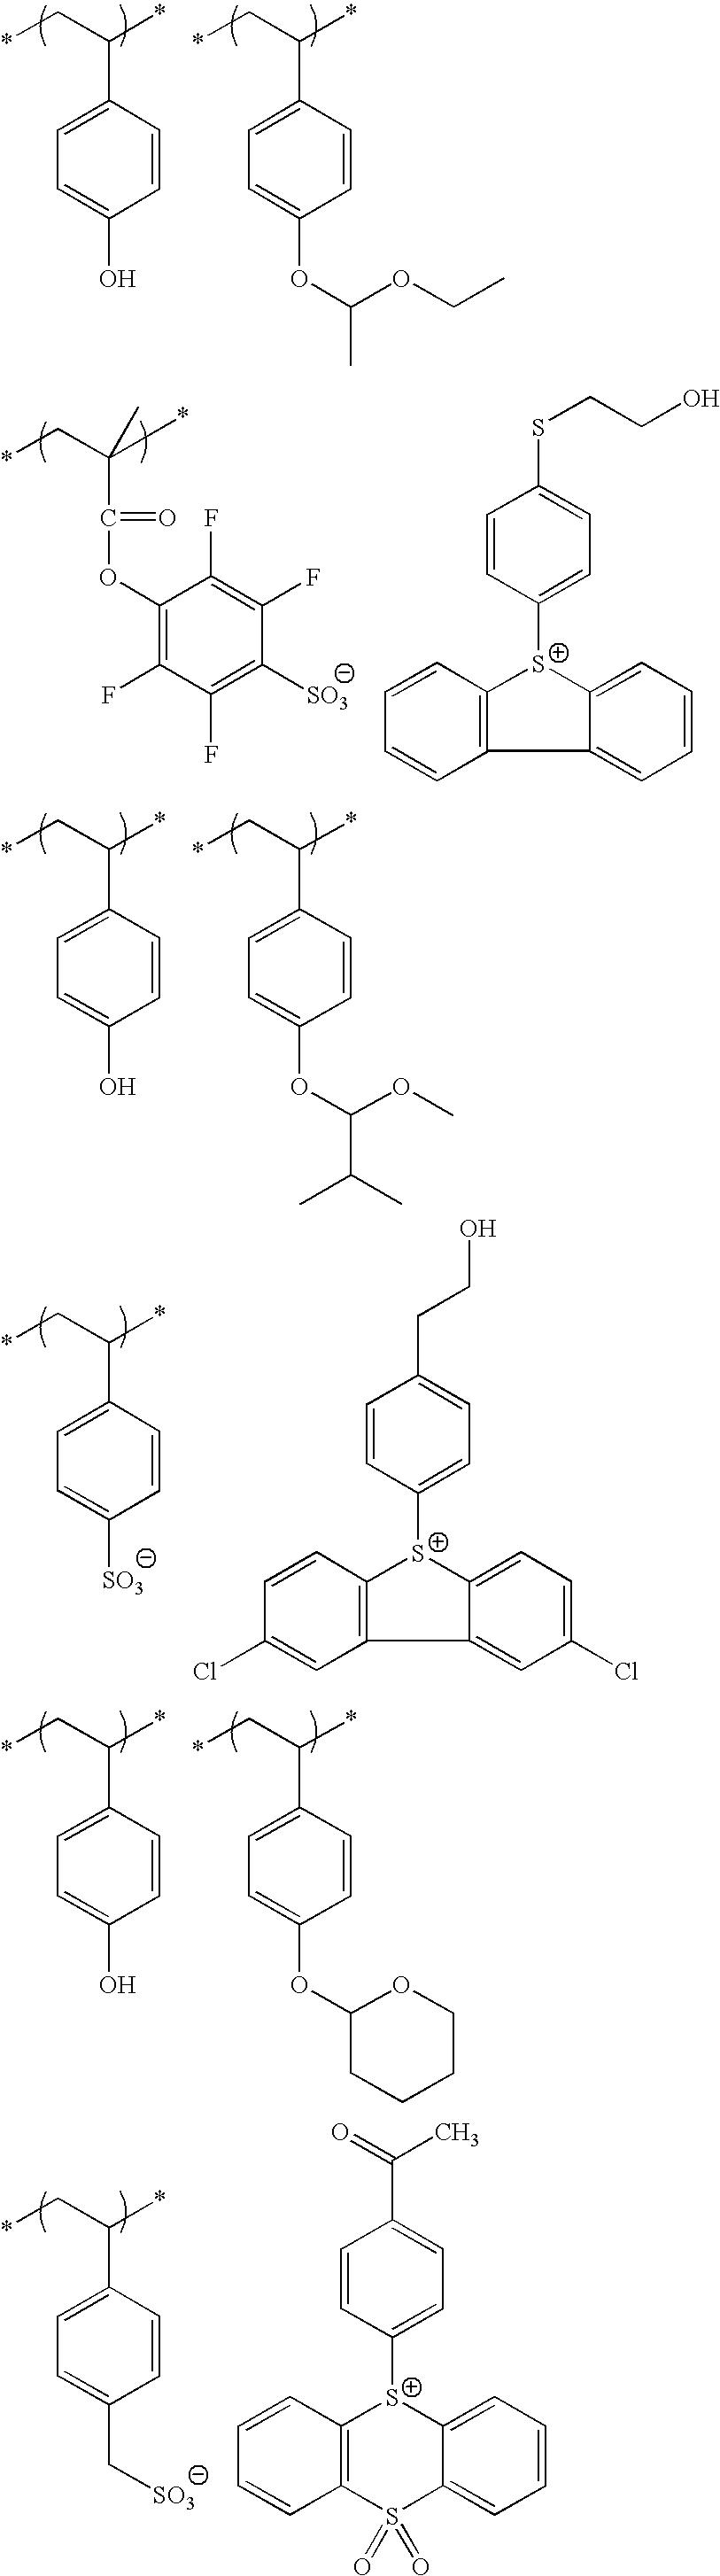 Figure US20100183975A1-20100722-C00147